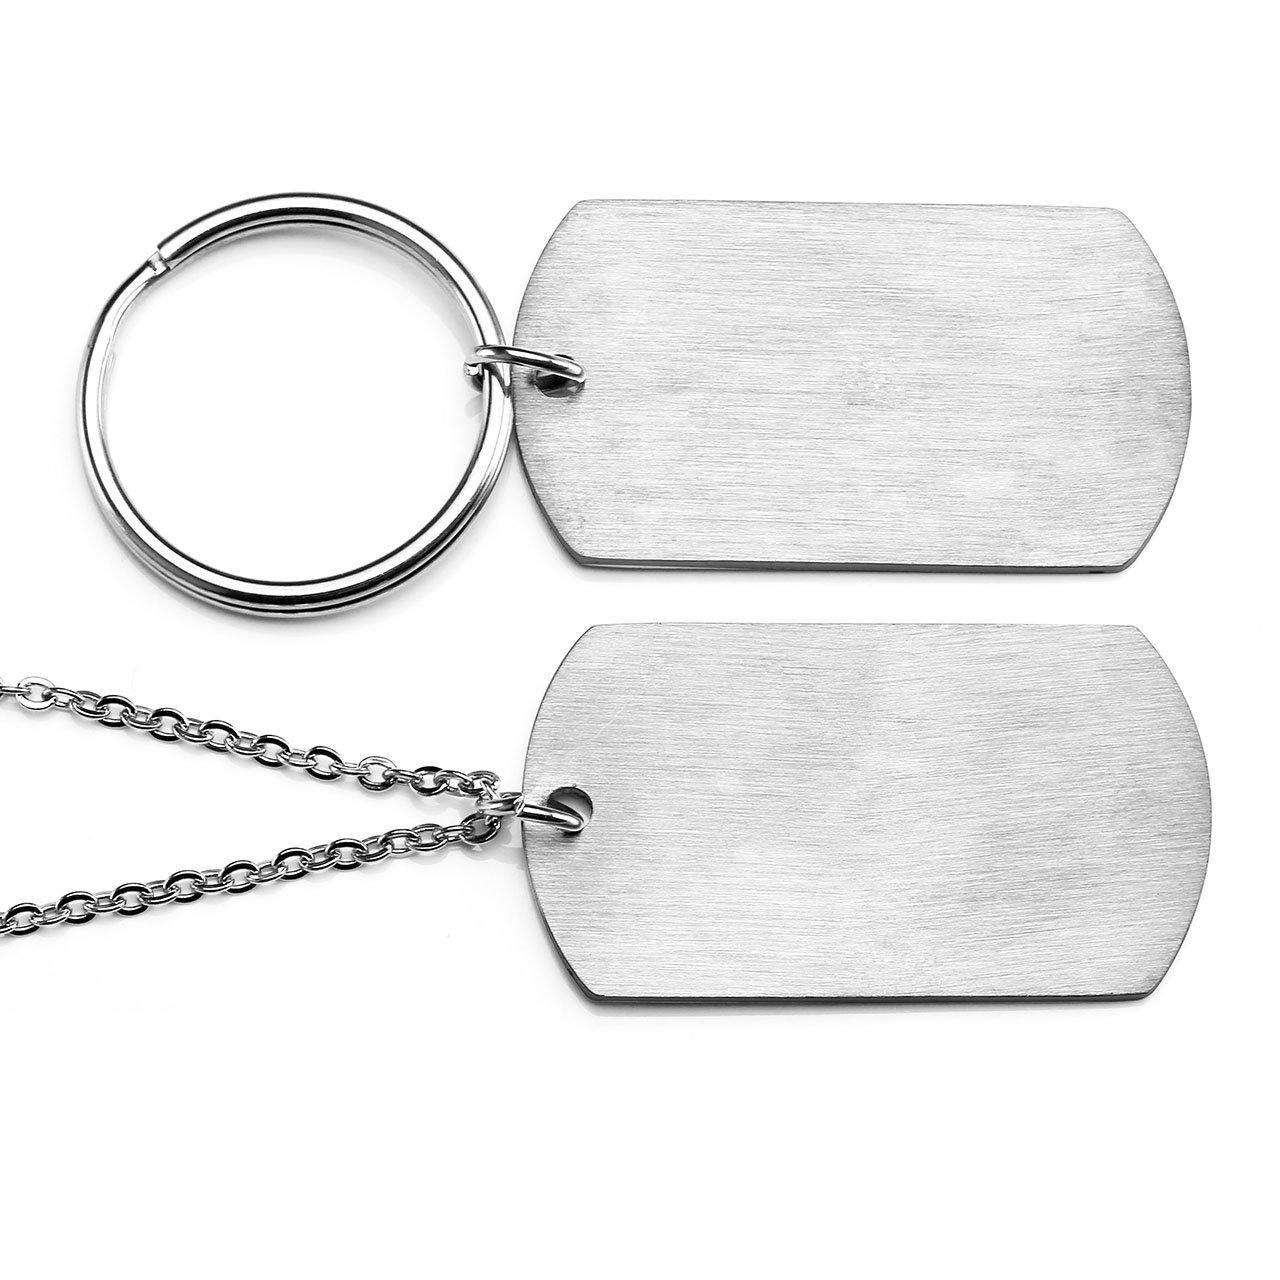 Amazon.com: PiercingJ 2 piezas Conjunto de llaveros de ...